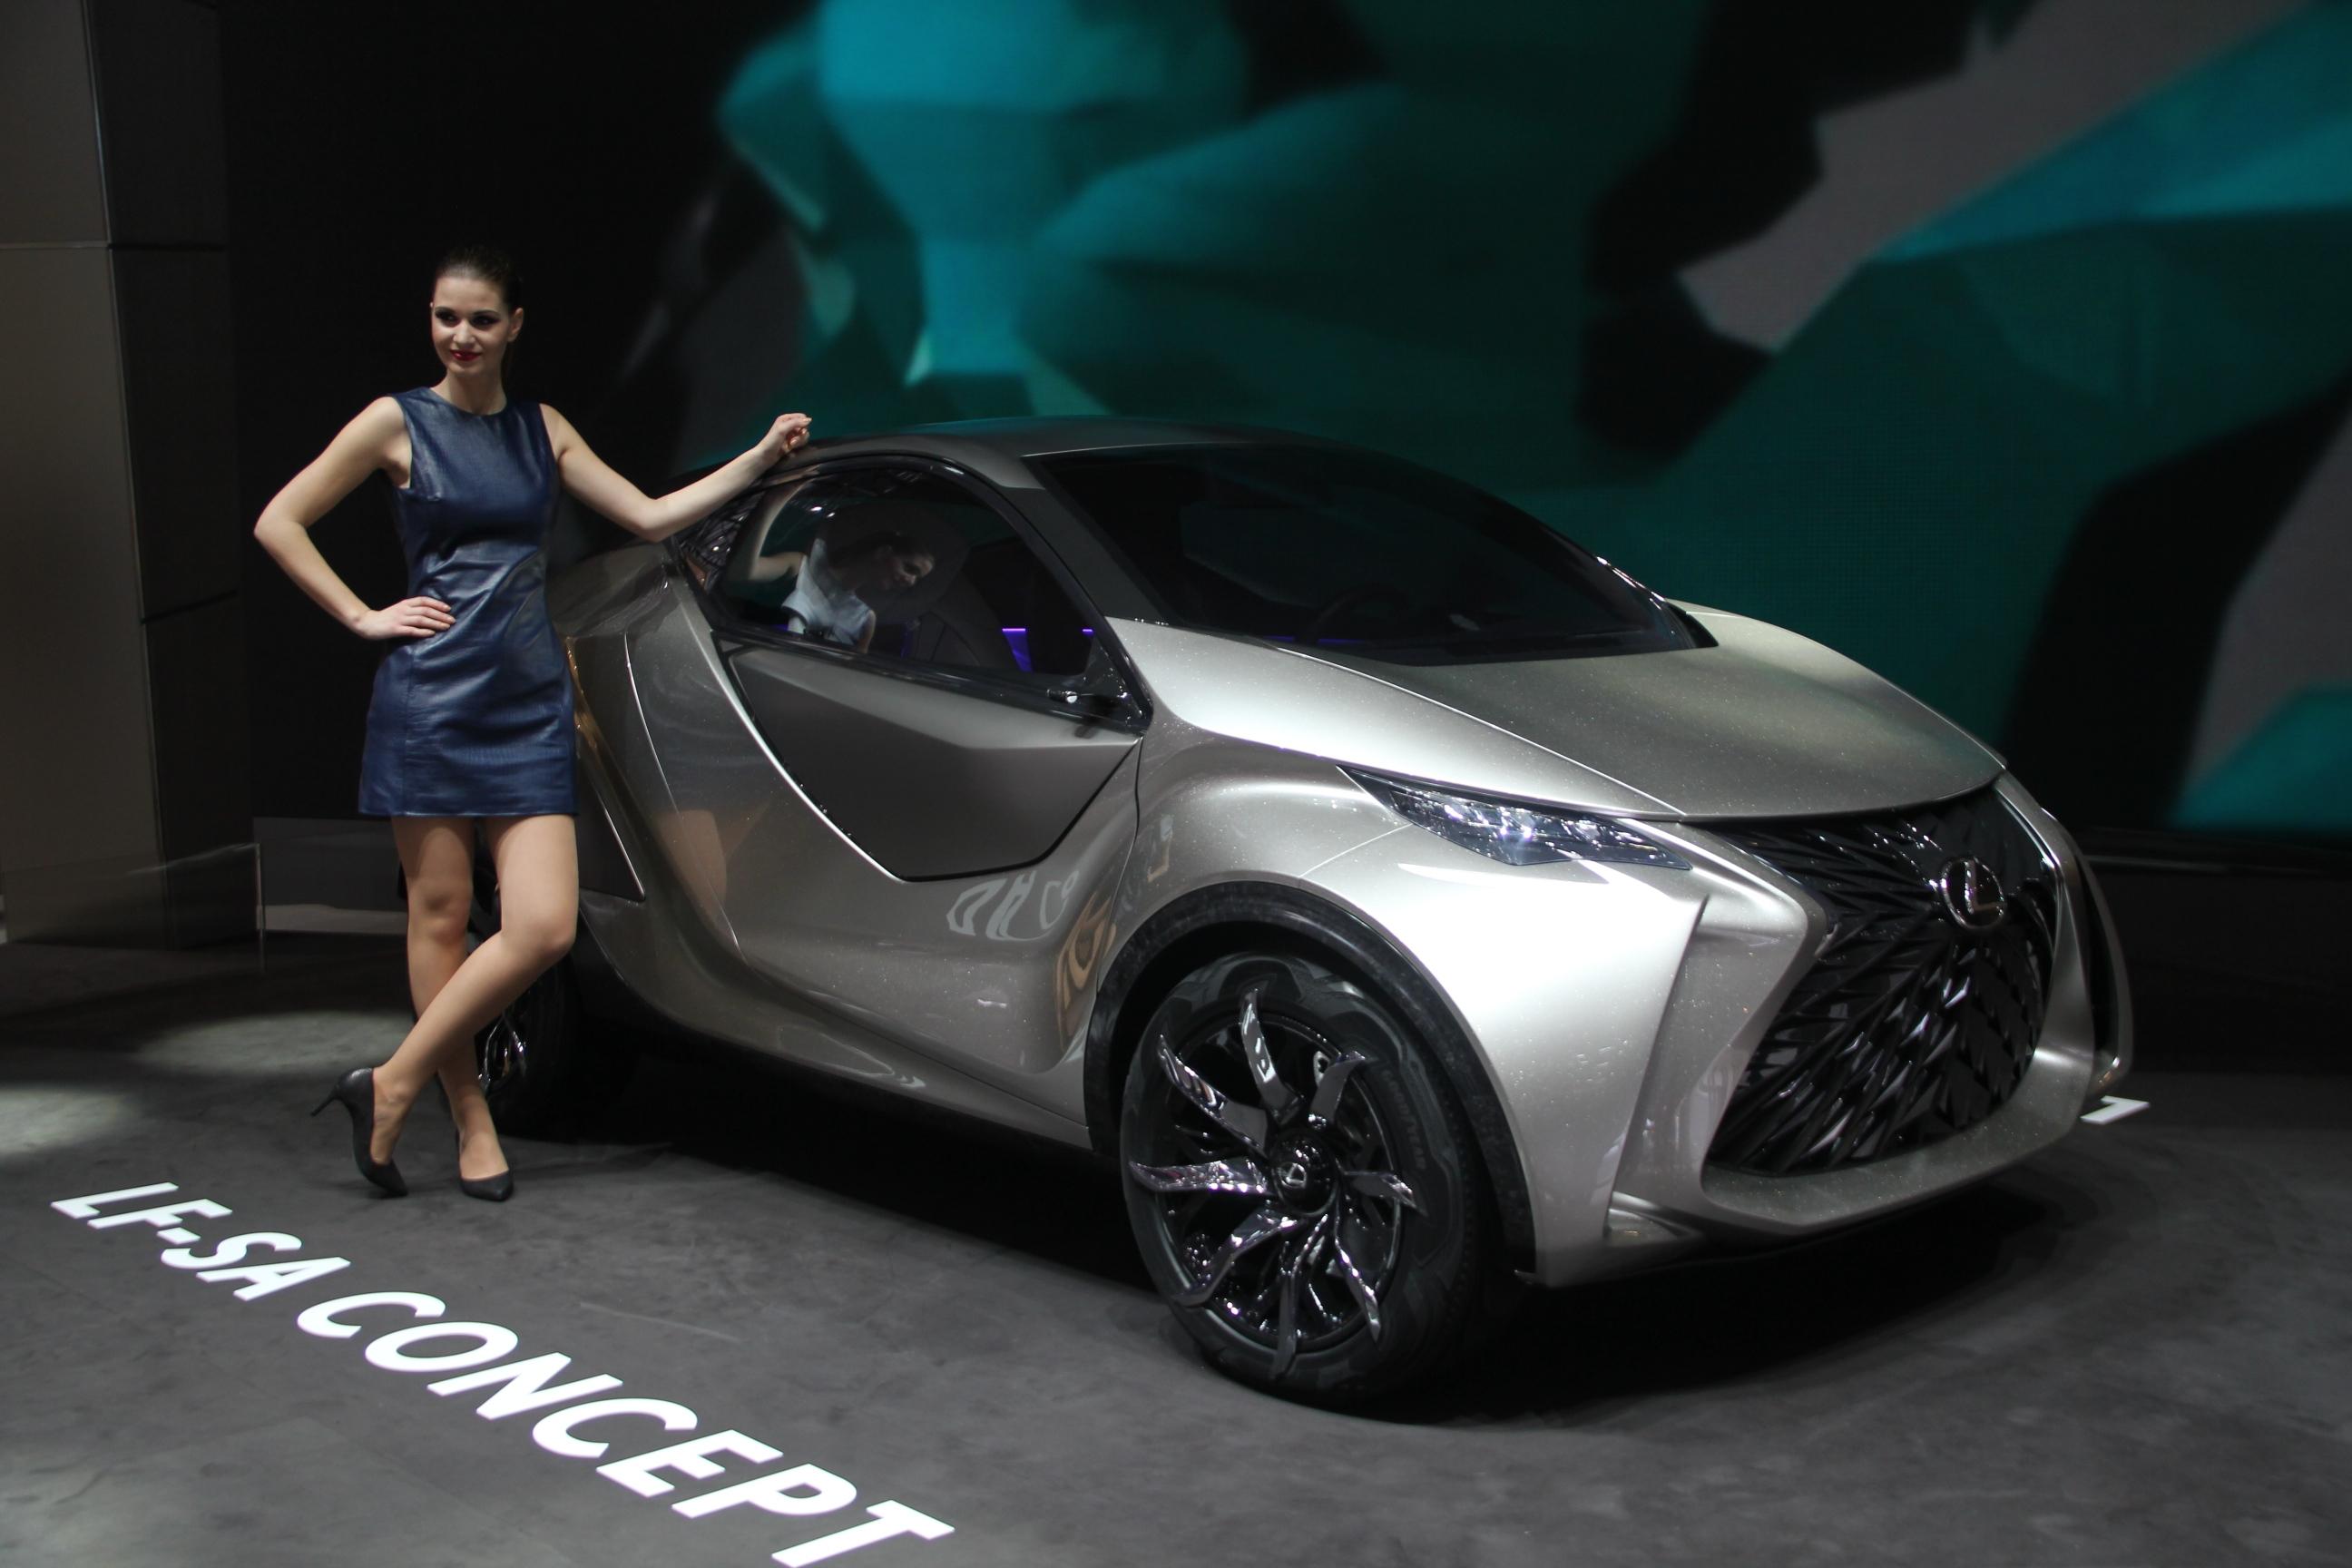 S0-Lexus-LF-SA-Concept-nouveaux-horizons-En-direct-du-salon-de-Geneve-2015-347824.jpg